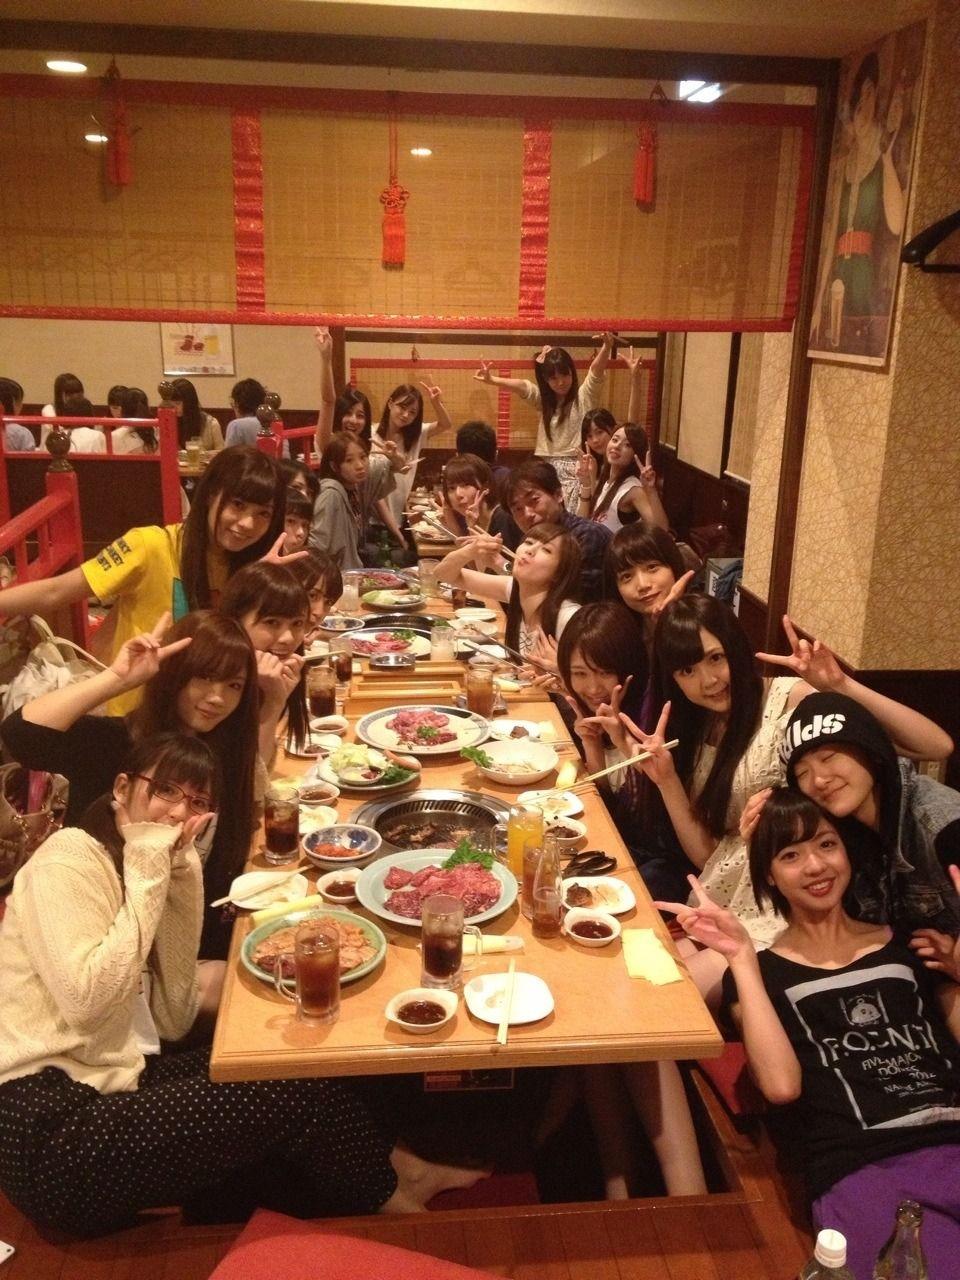 http://livedoor.blogimg.jp/sdtnk55-2ch/imgs/2/8/28d6935b.jpg